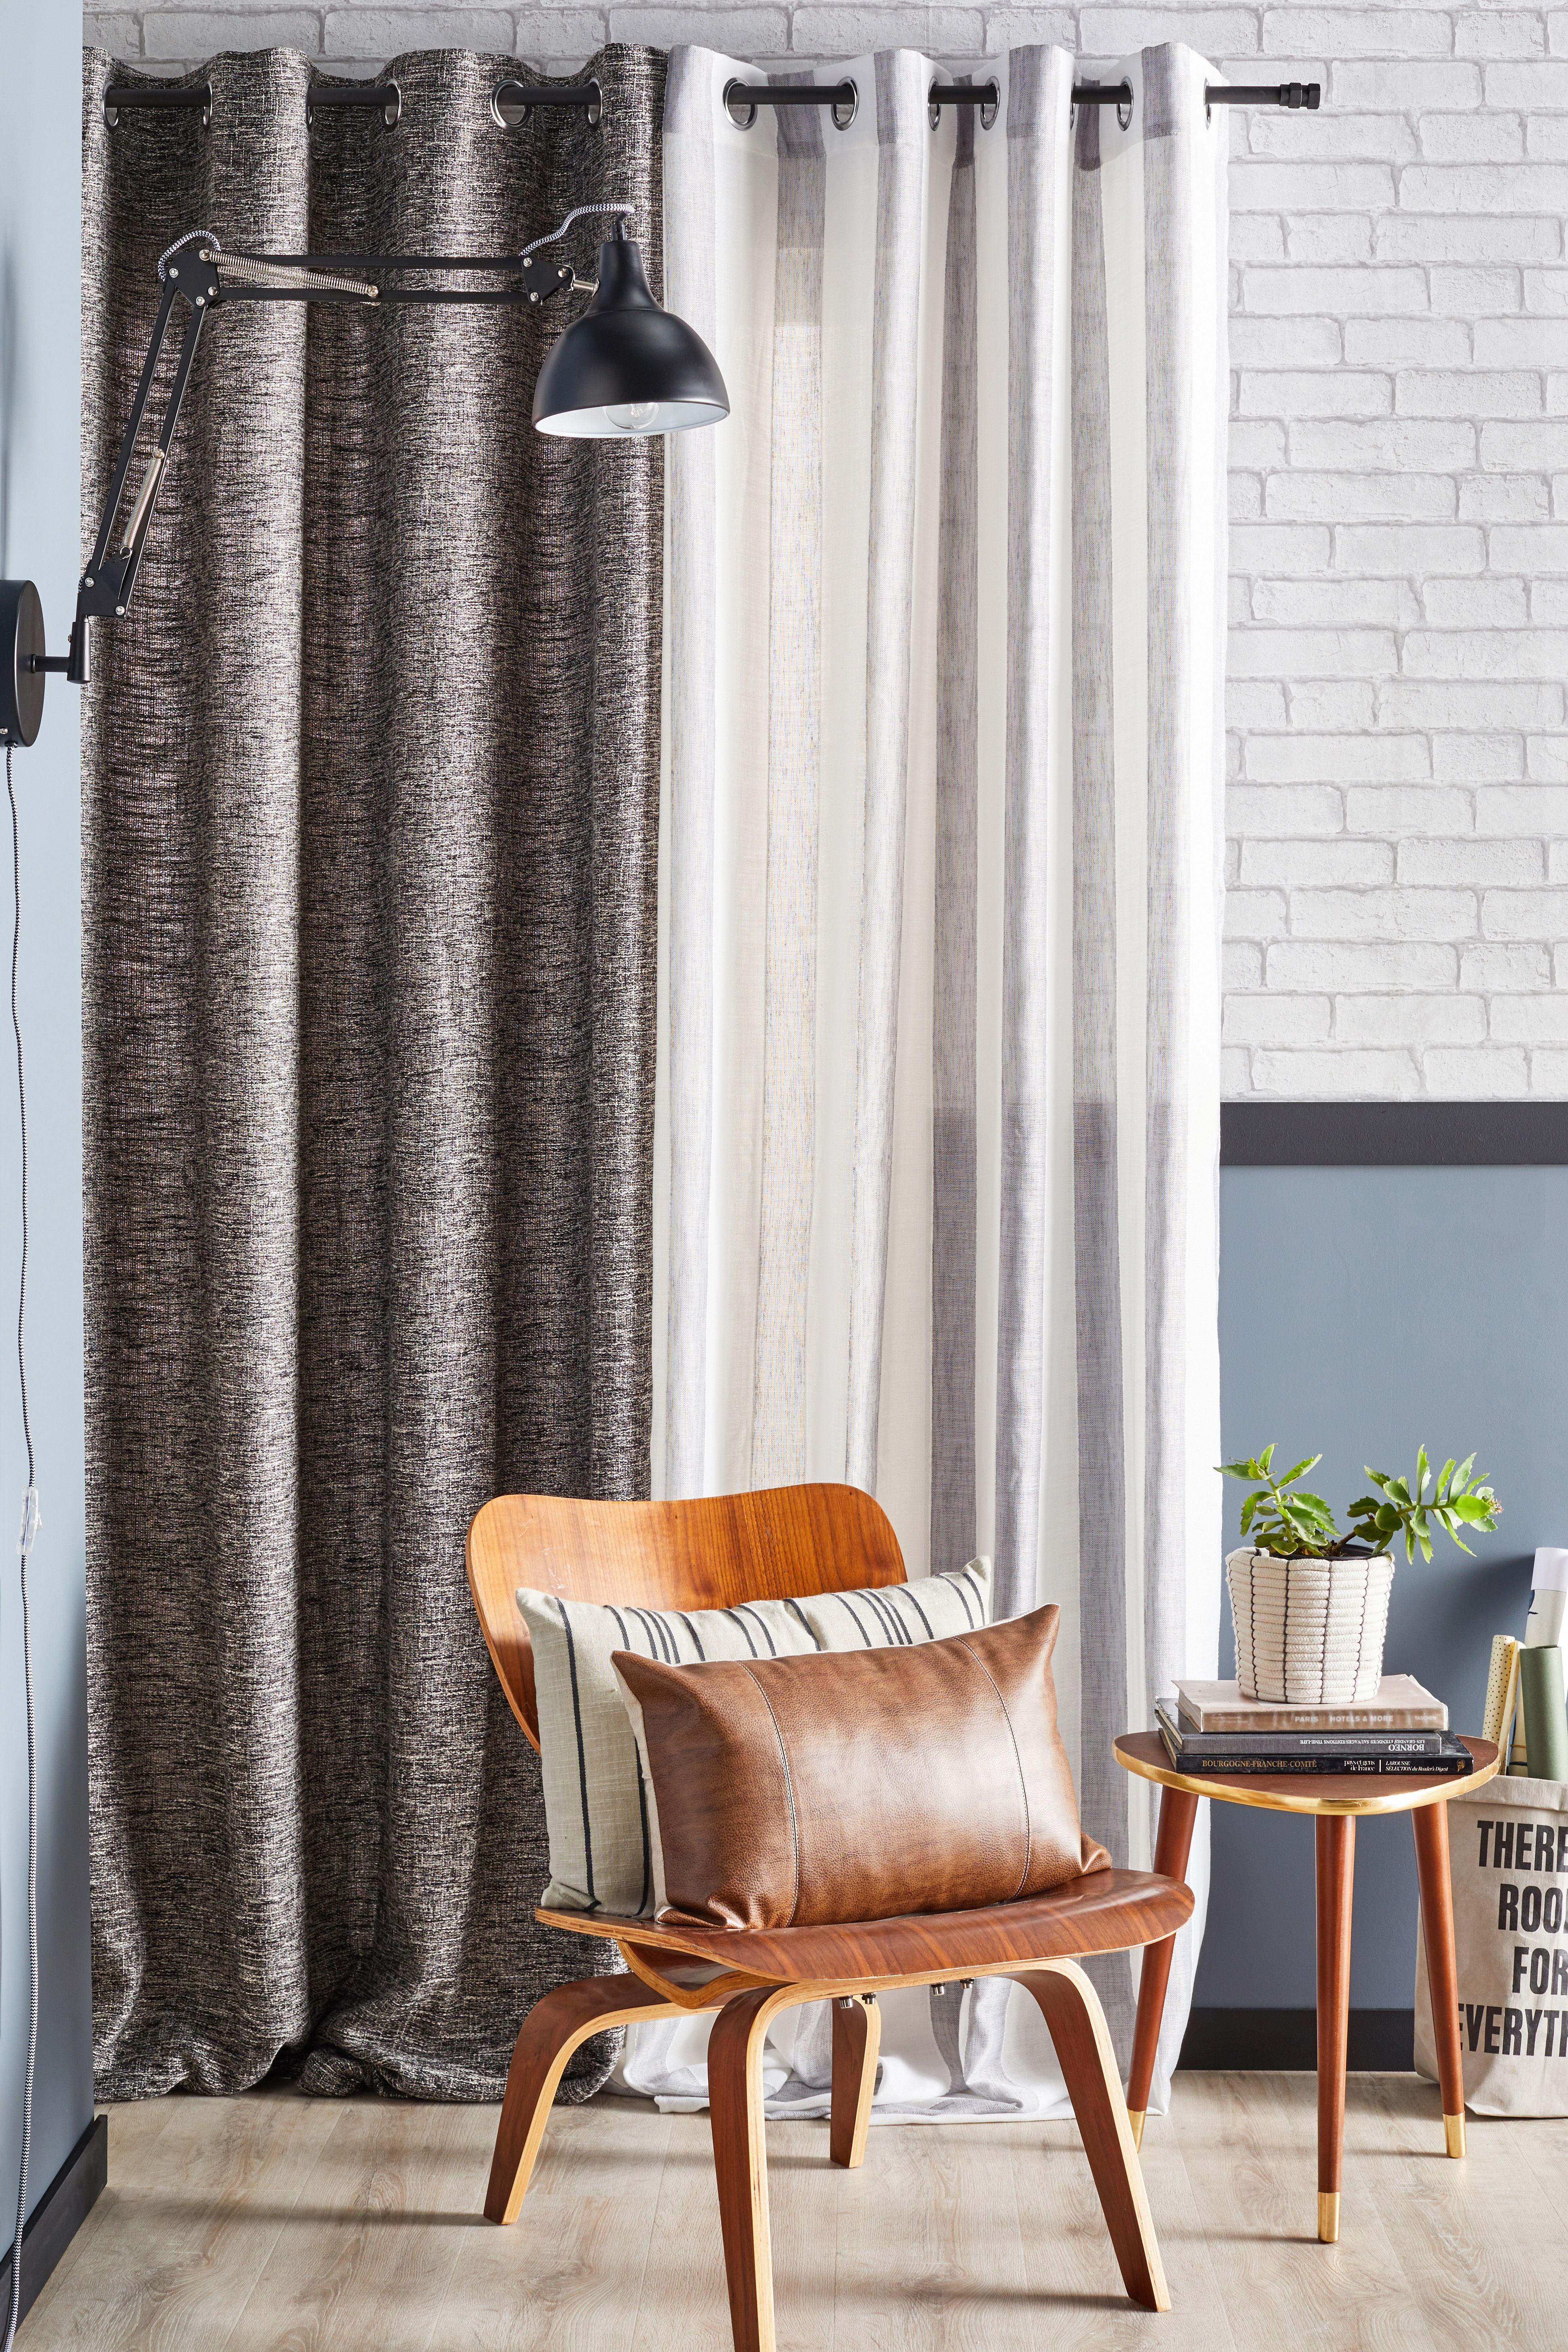 avec la tendance atelier hipster l esprit loft devient un atelier graphique et design reprenant les codes de rideaux tendances deco salon rideaux industriels